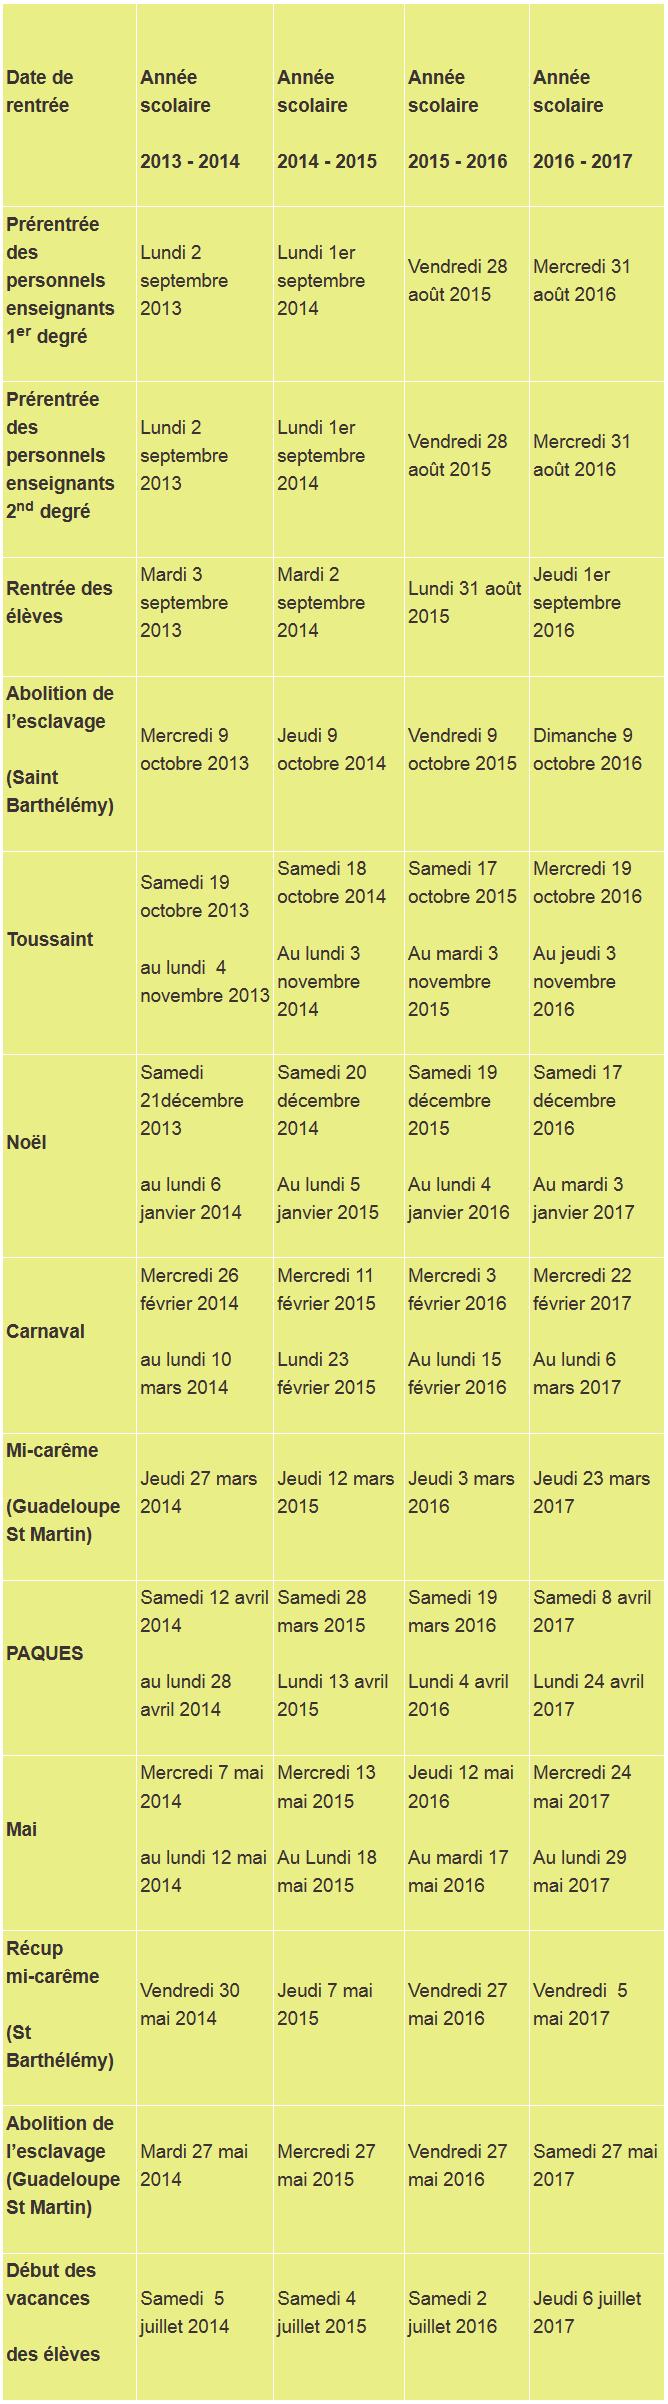 Dates des vacances scolaires 2015 2016 dom tom for Dates vacances scolaires 2014